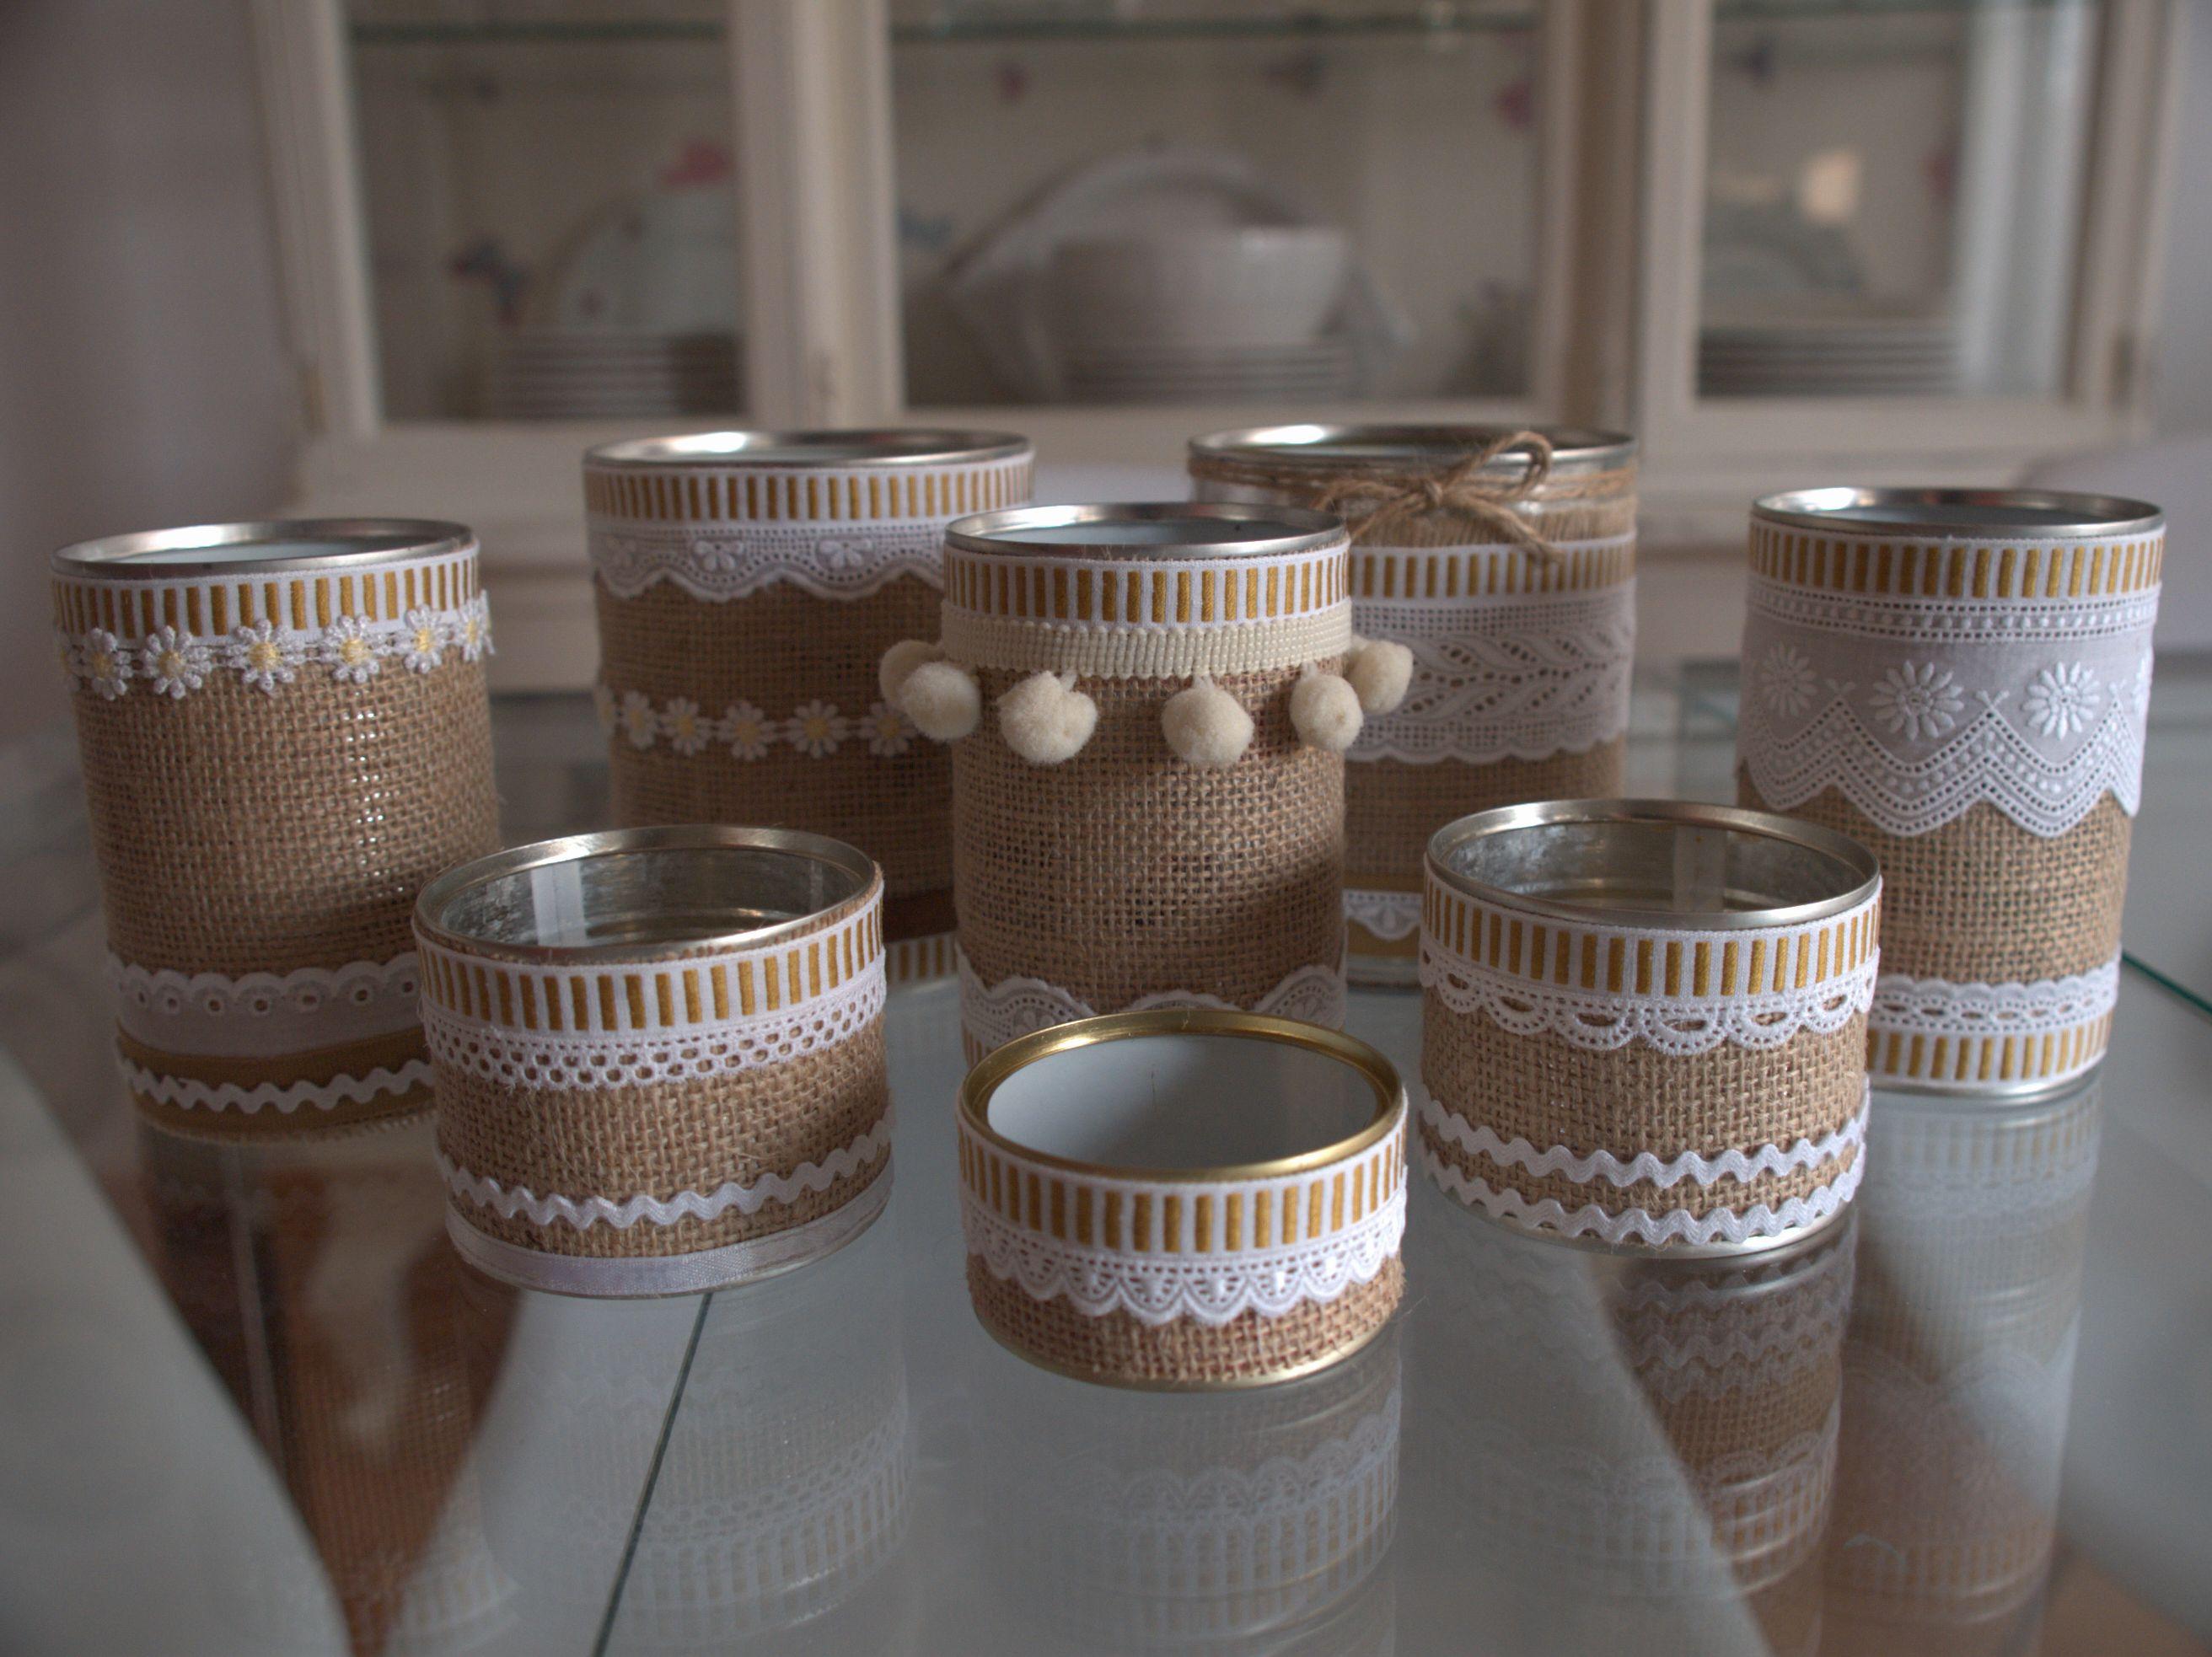 Reciclar latas de conserva en mis manitas diy blog de - Manualidades faciles con latas ...